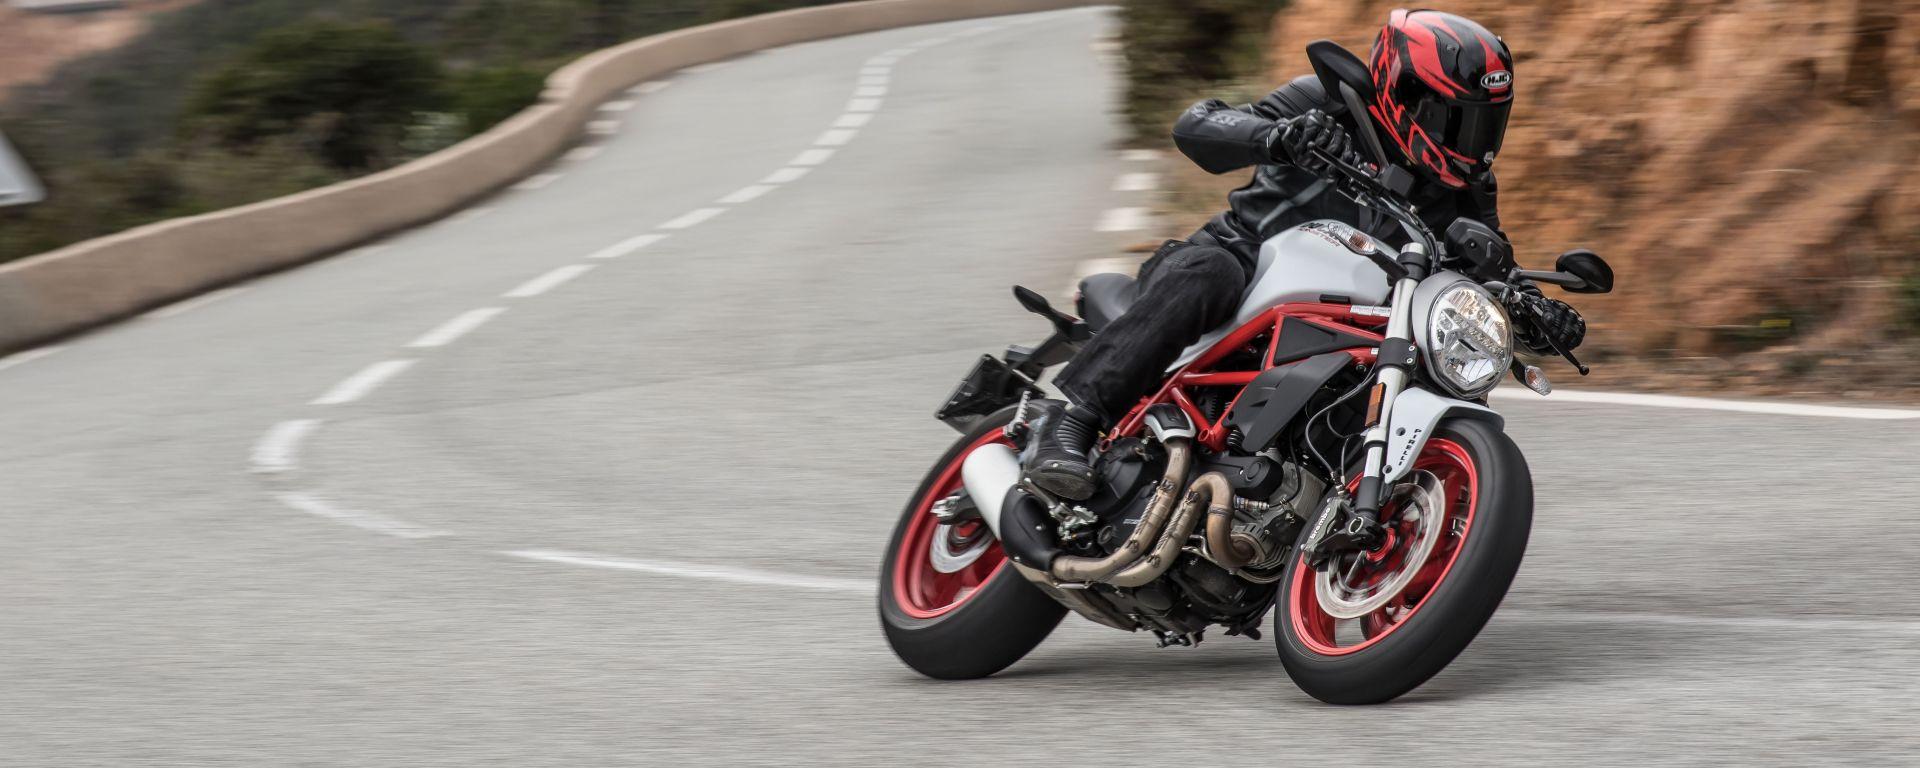 La Ducati Monster 797 è agile nel misto stretto